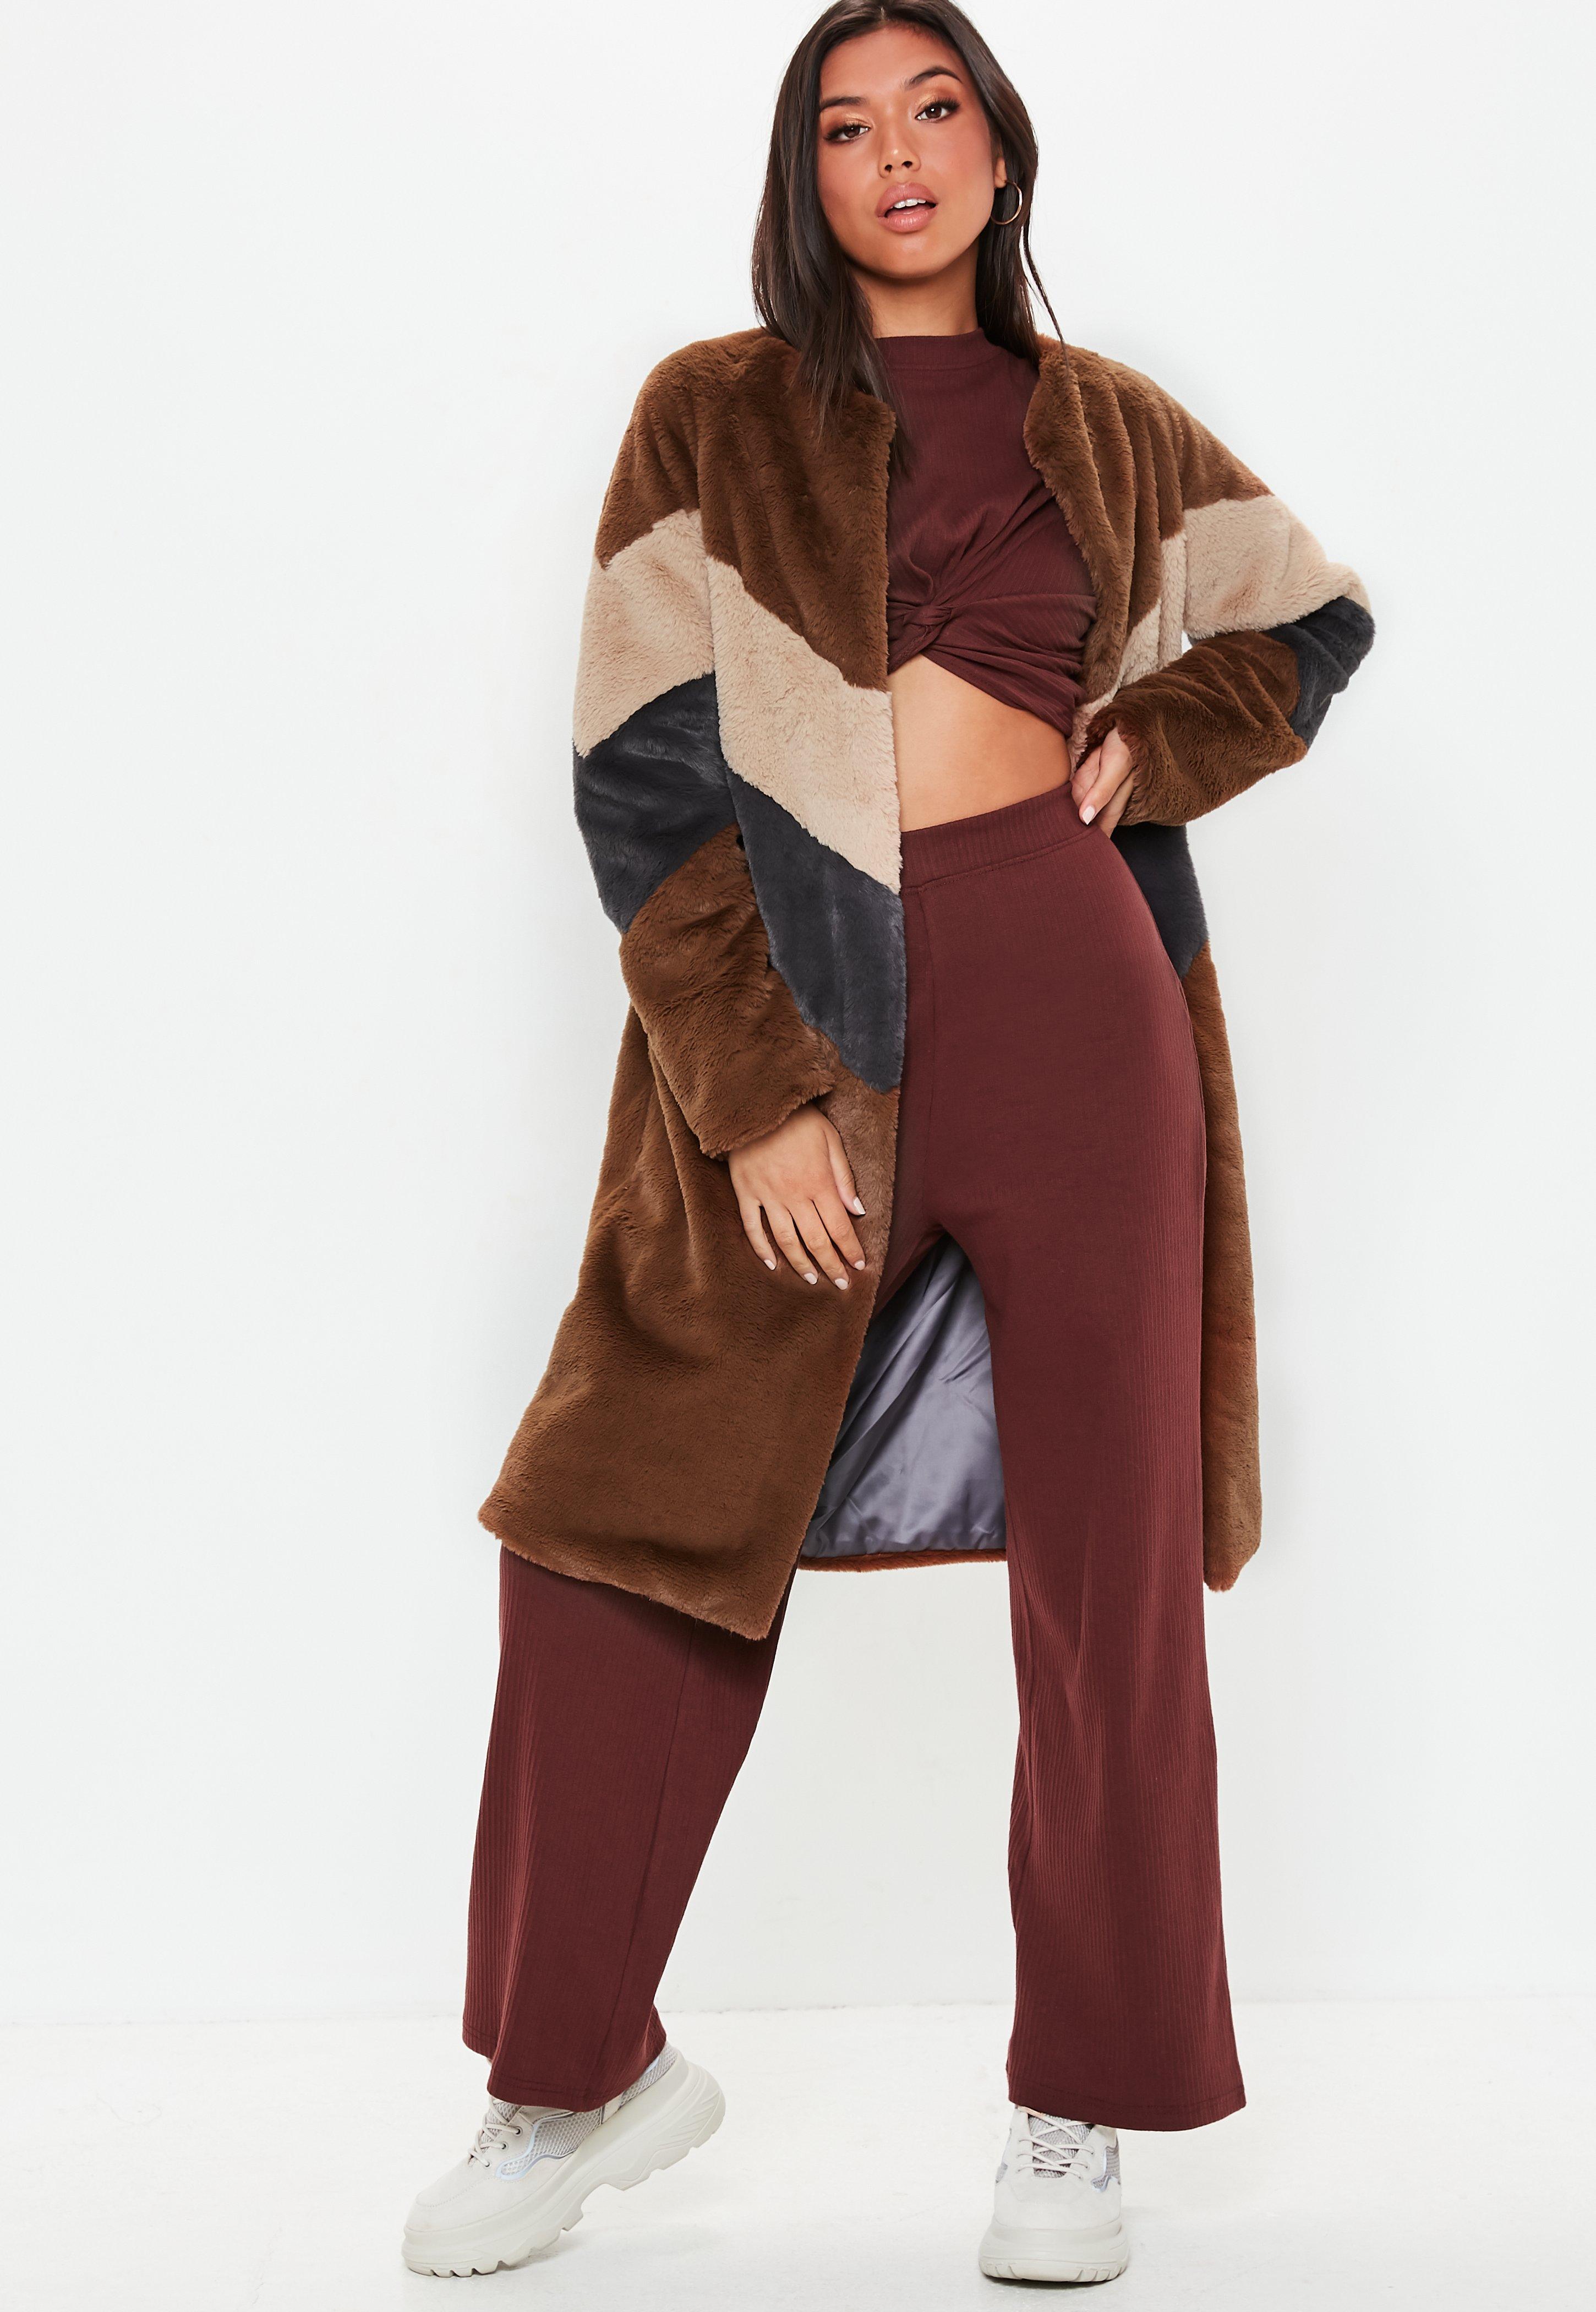 ac399f493e44 Faux Fur Coats | Faux Fur Jackets - Missguided